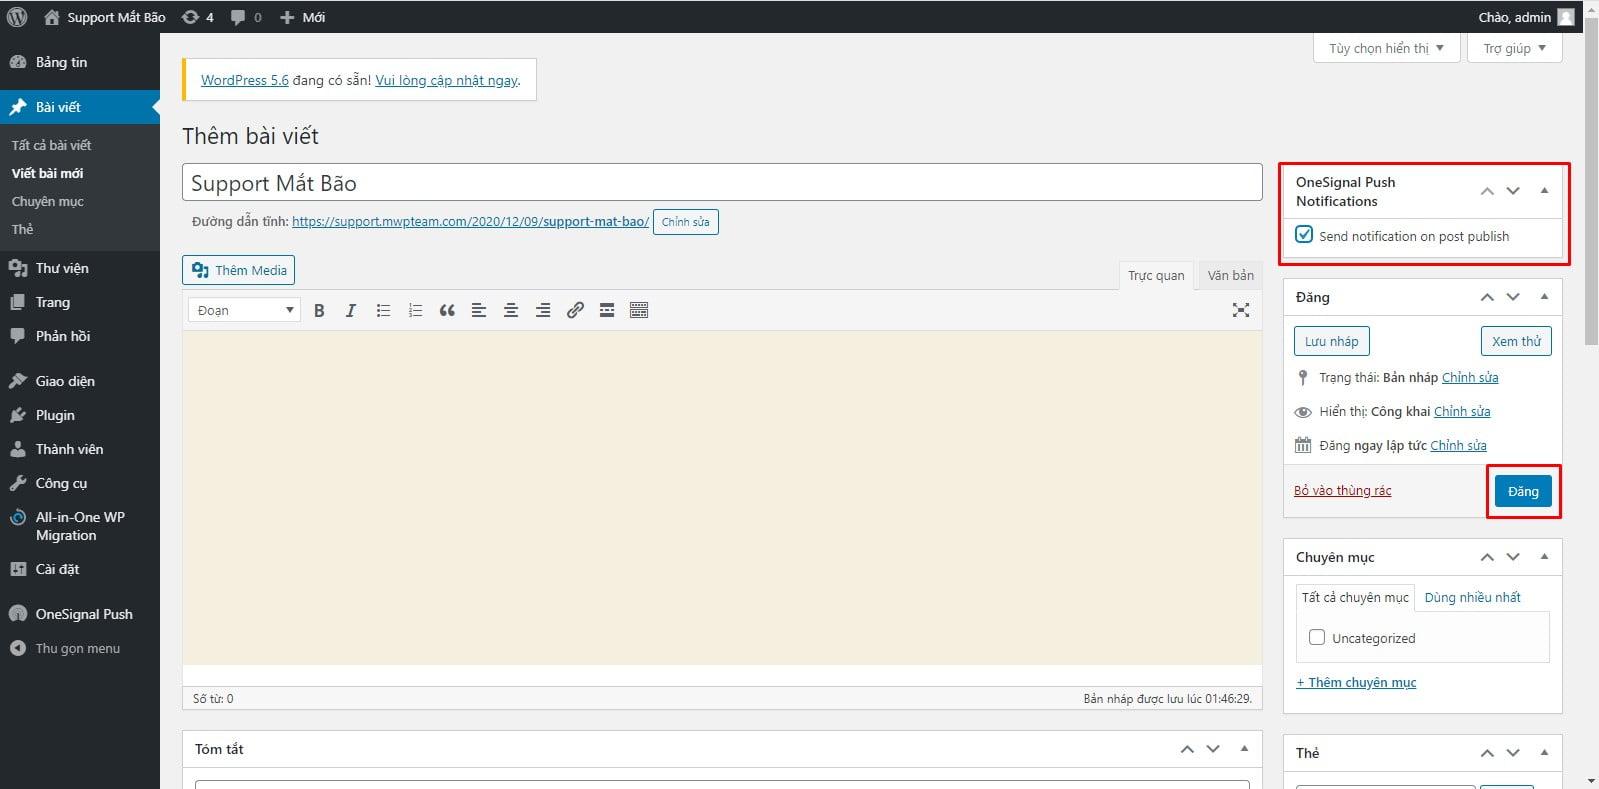 28 - Hướng dẫn cài đặt thông báo đẩy OneSignal cho WordPress từ A tới Z - Trung tâm hỗ trợ kỹ thuật